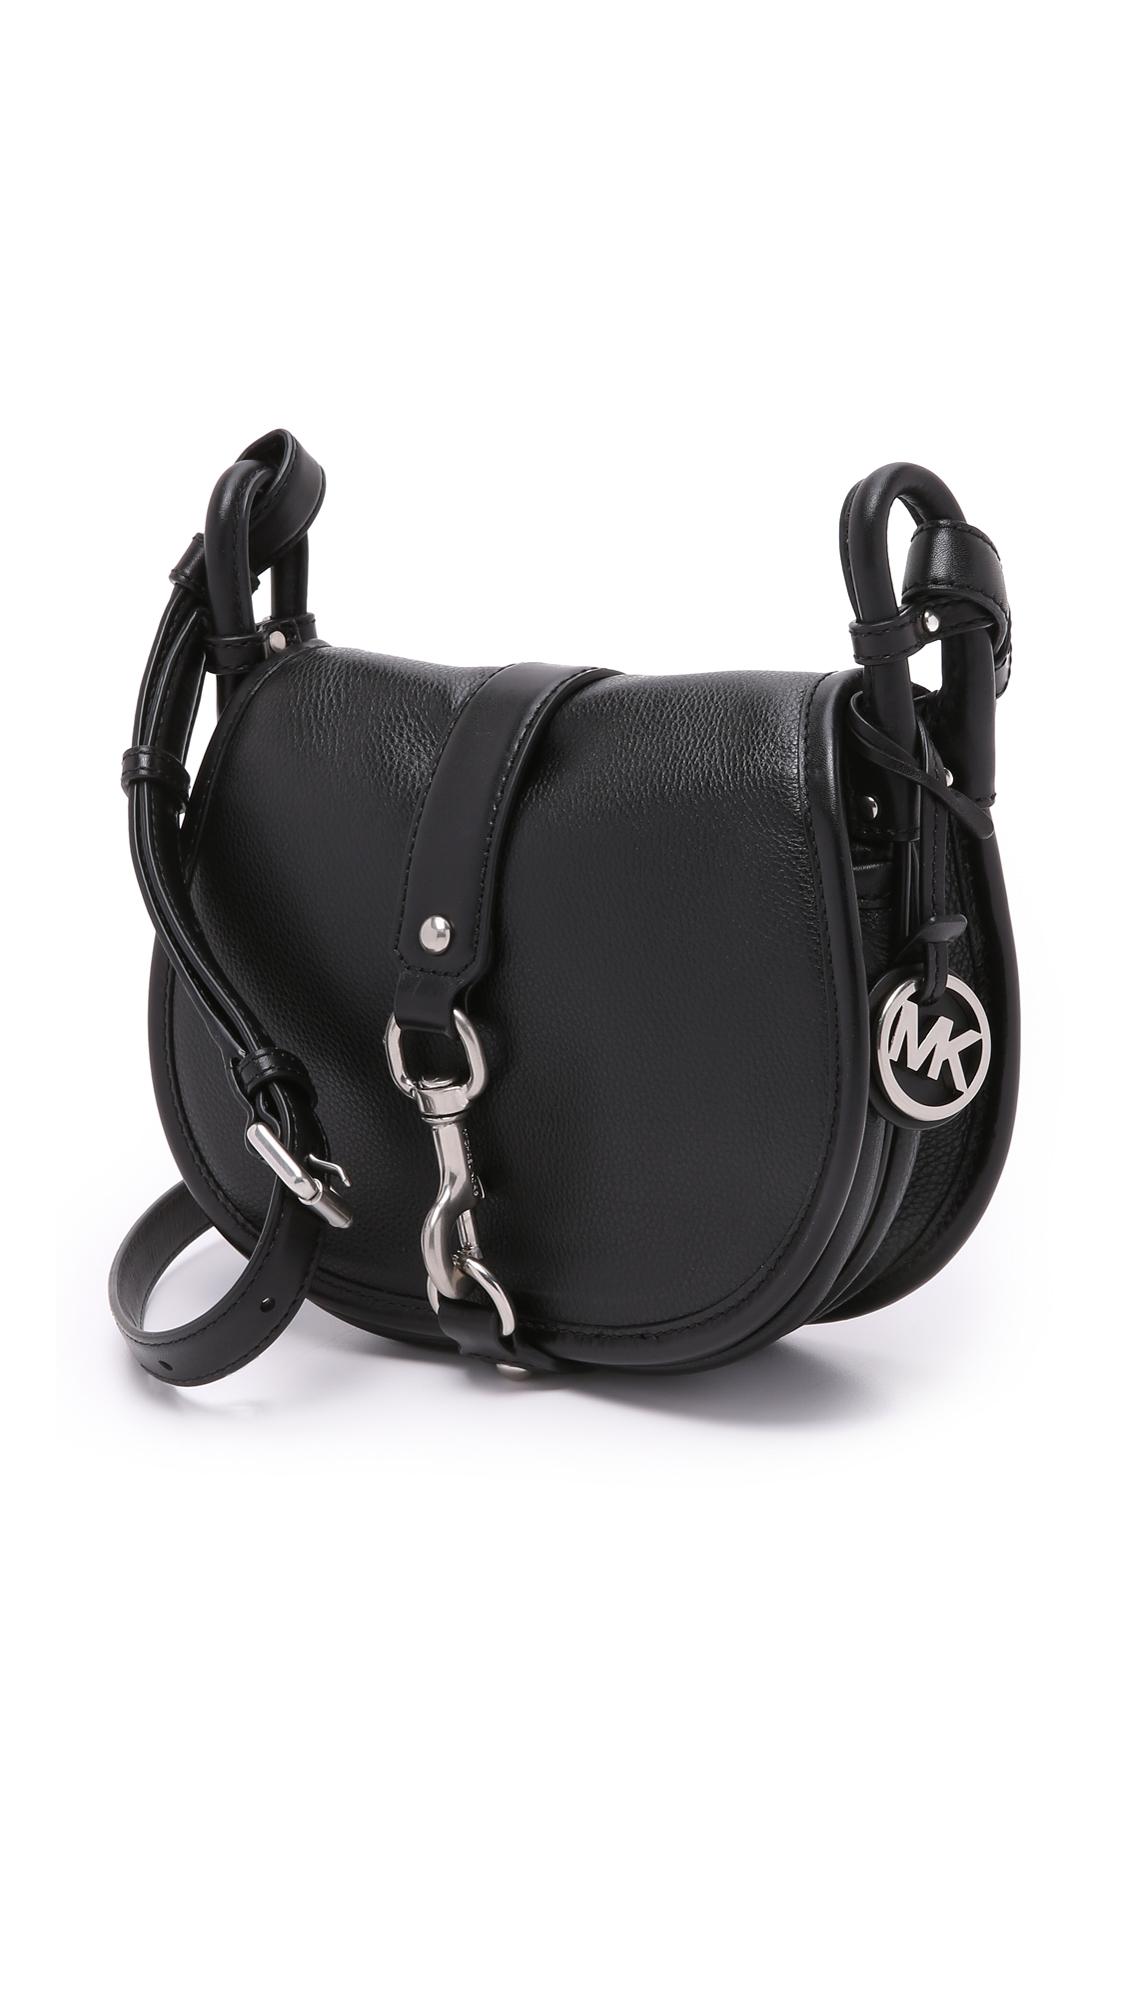 5ec6c18fae15 MICHAEL Michael Kors Jamie Saddle Bag in Black - Lyst